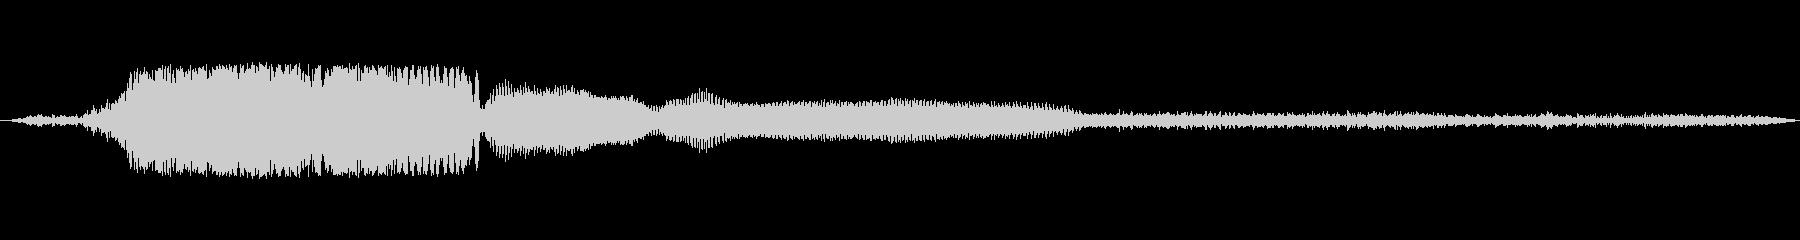 ビンテージ 車 シボレー57レーシ...の未再生の波形